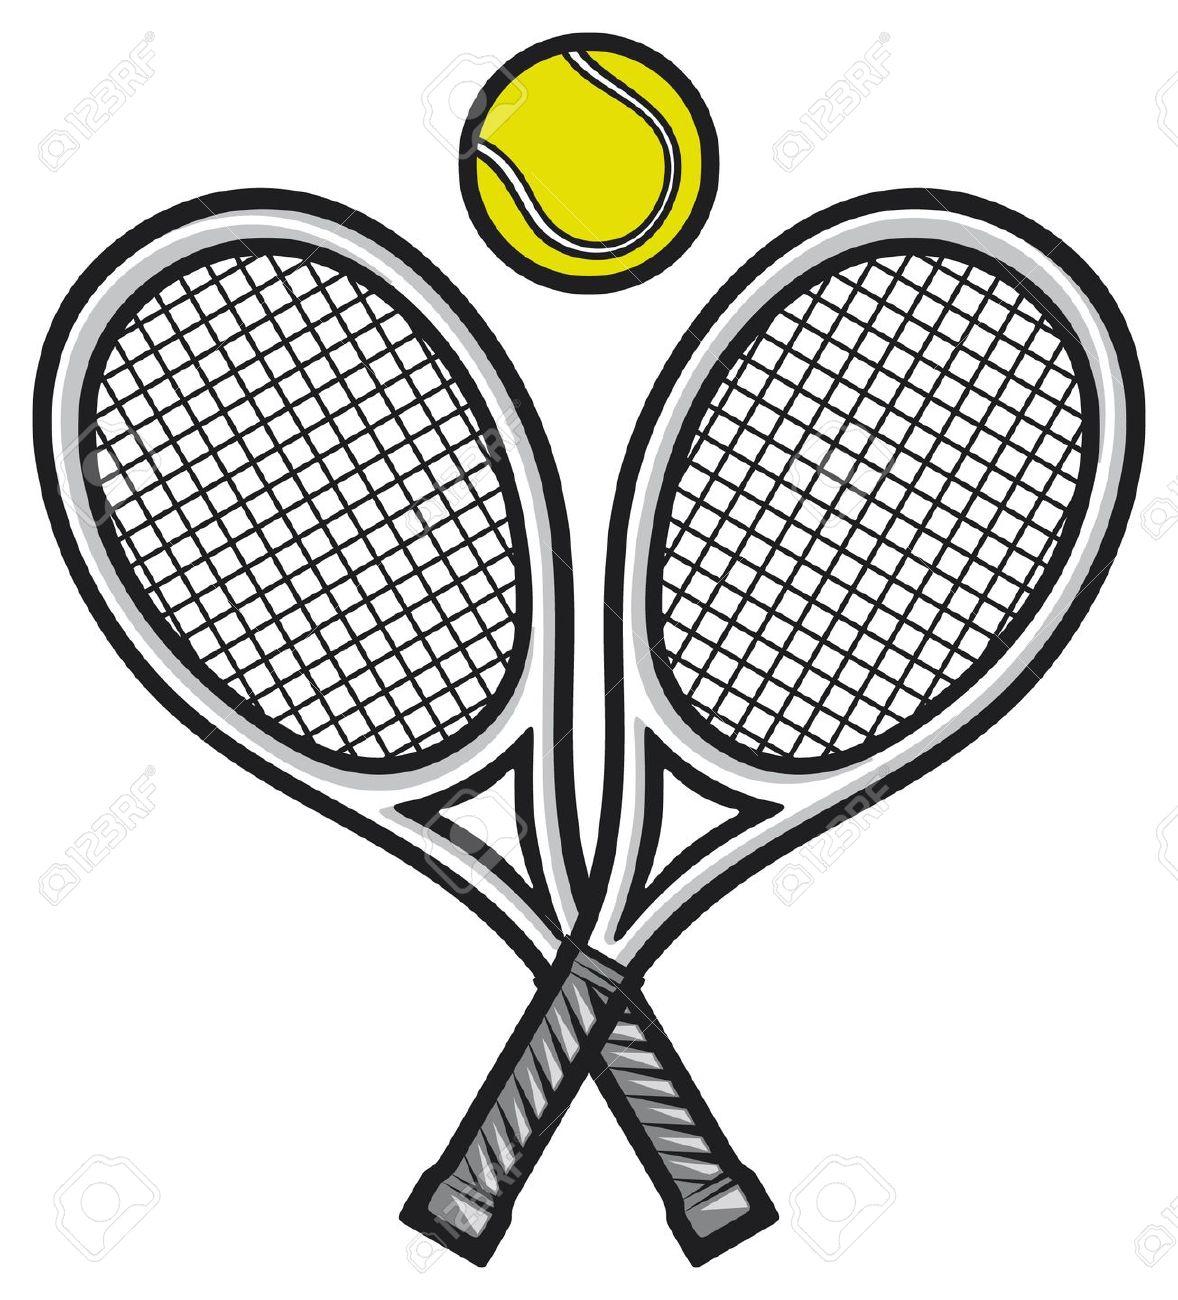 Tennis clipart 2